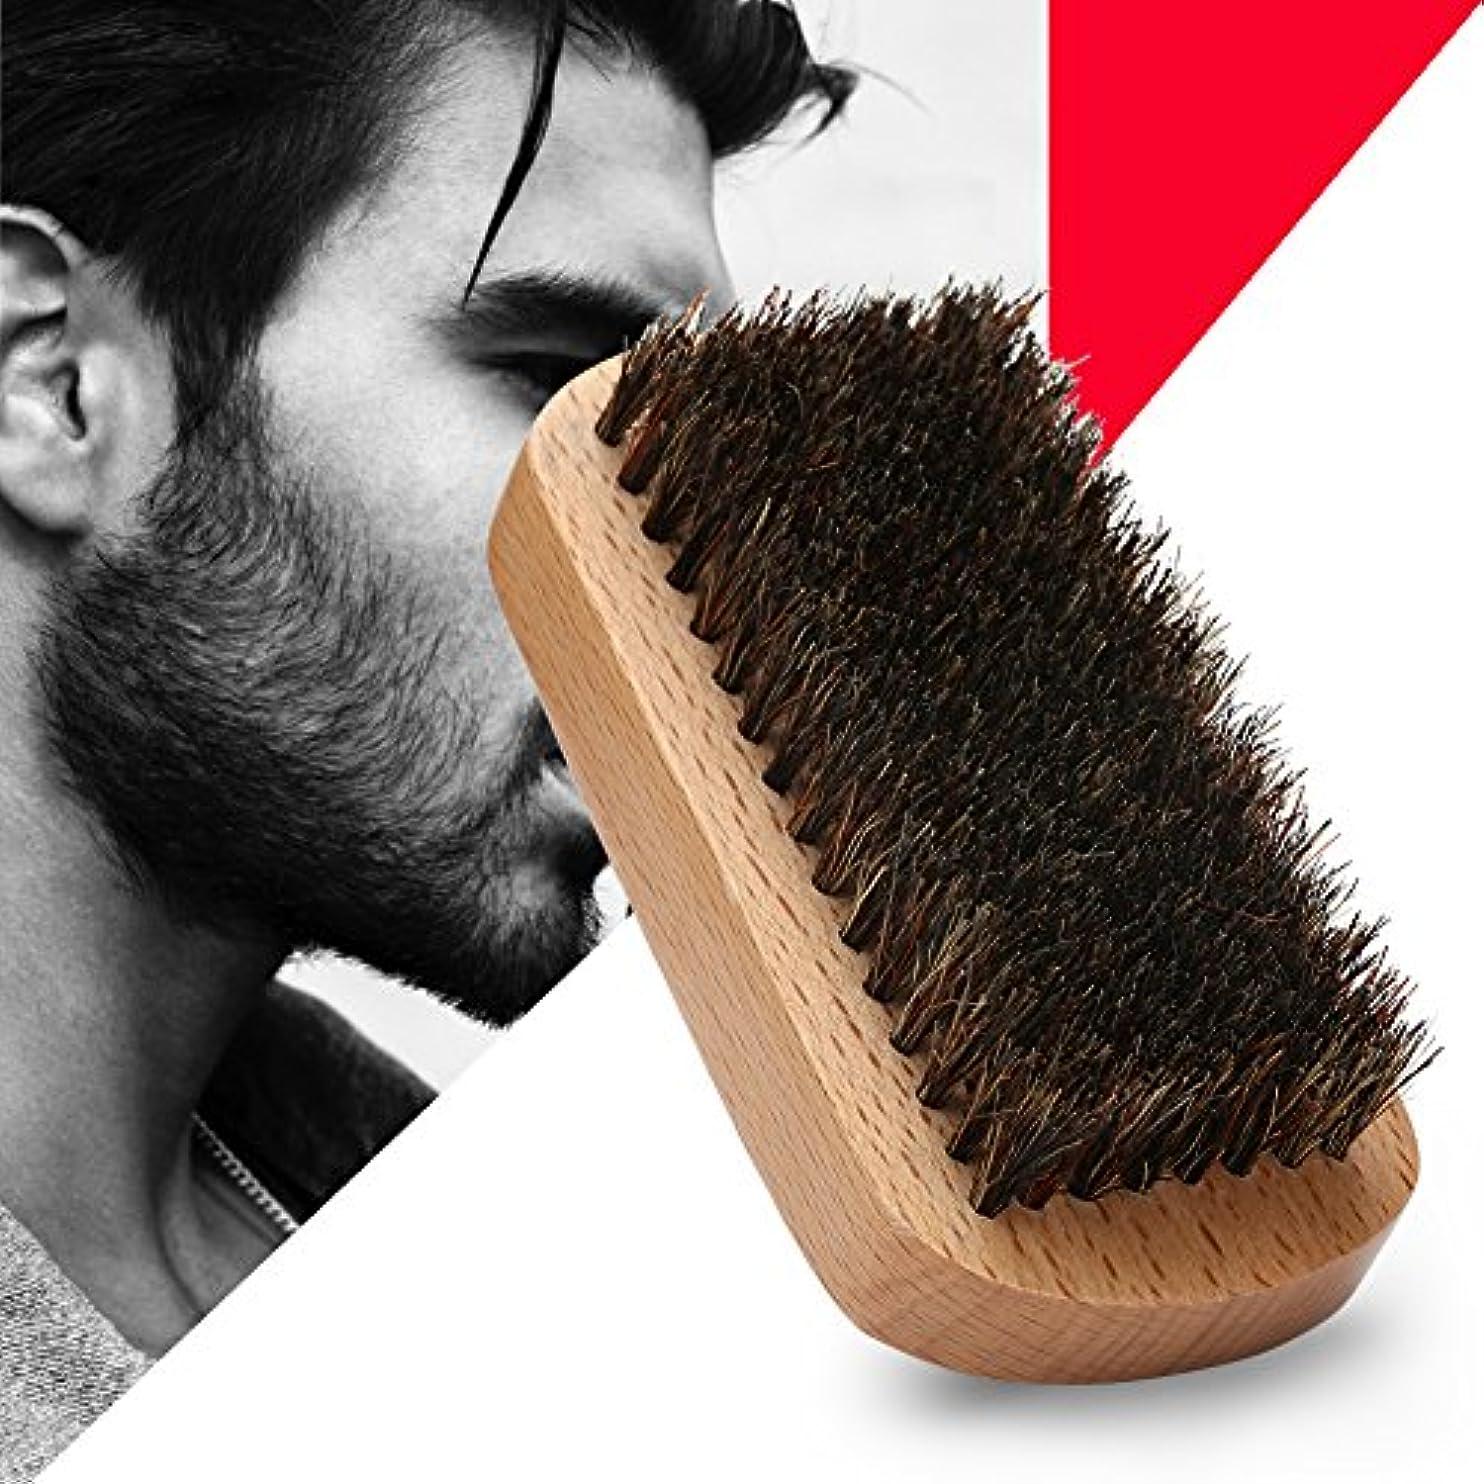 信号寝てる余暇シェービングブラシ メンズ ウッド 豚剛毛 クリーニング 髭剃り 泡立ち 洗顔ブラシ メンズ ブラック 長方形